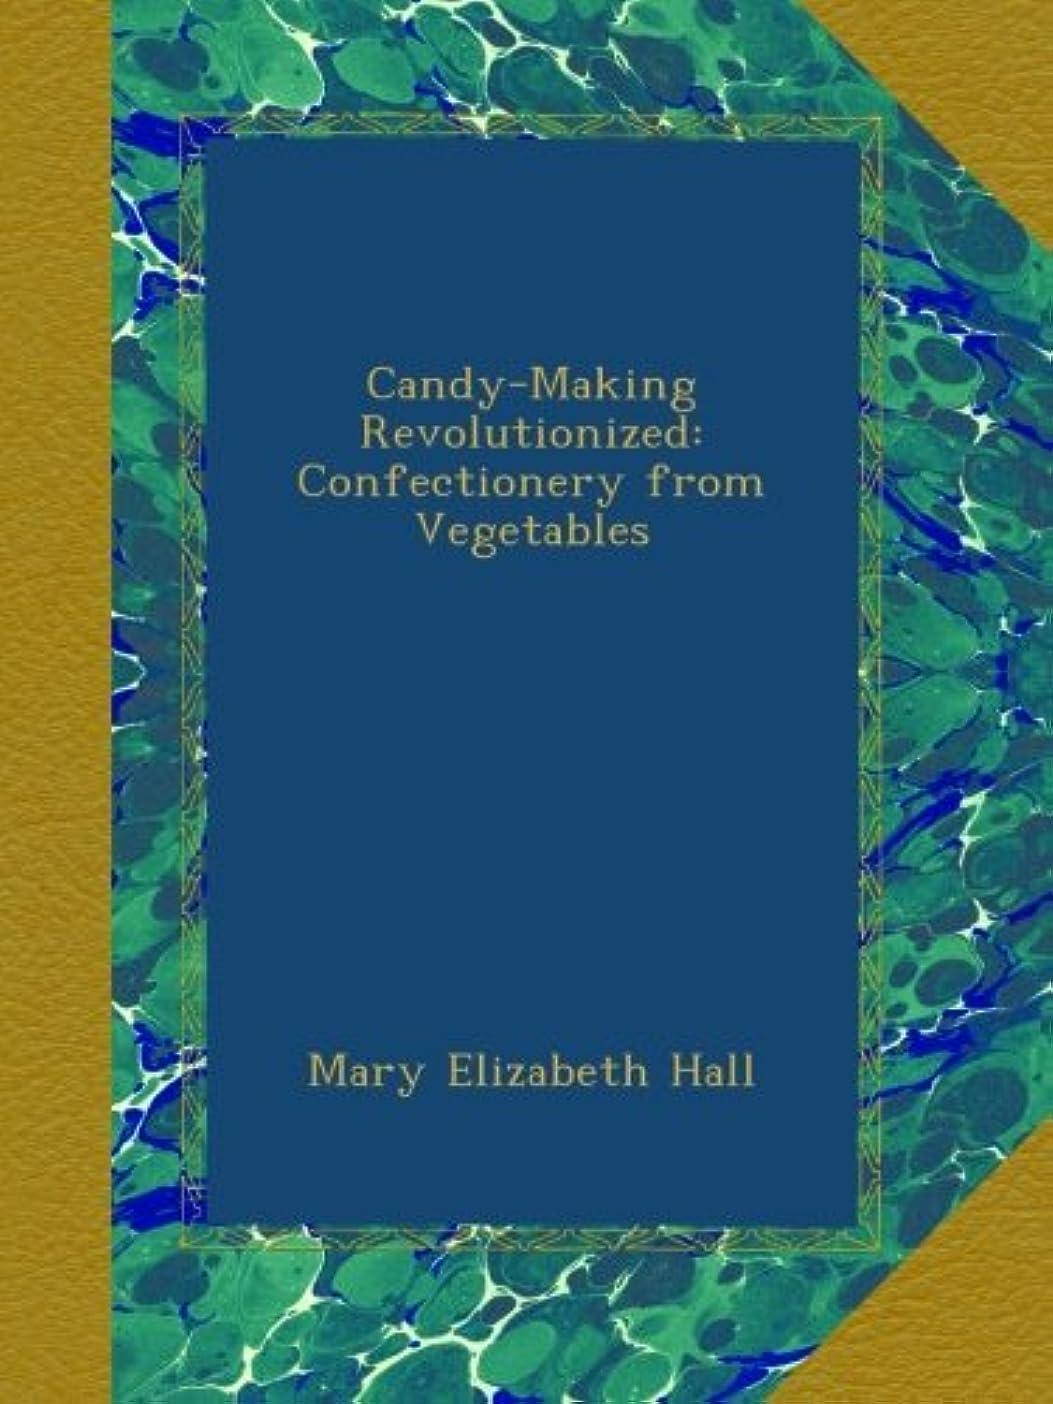 ガソリン頑固な修正Candy-Making Revolutionized: Confectionery from Vegetables